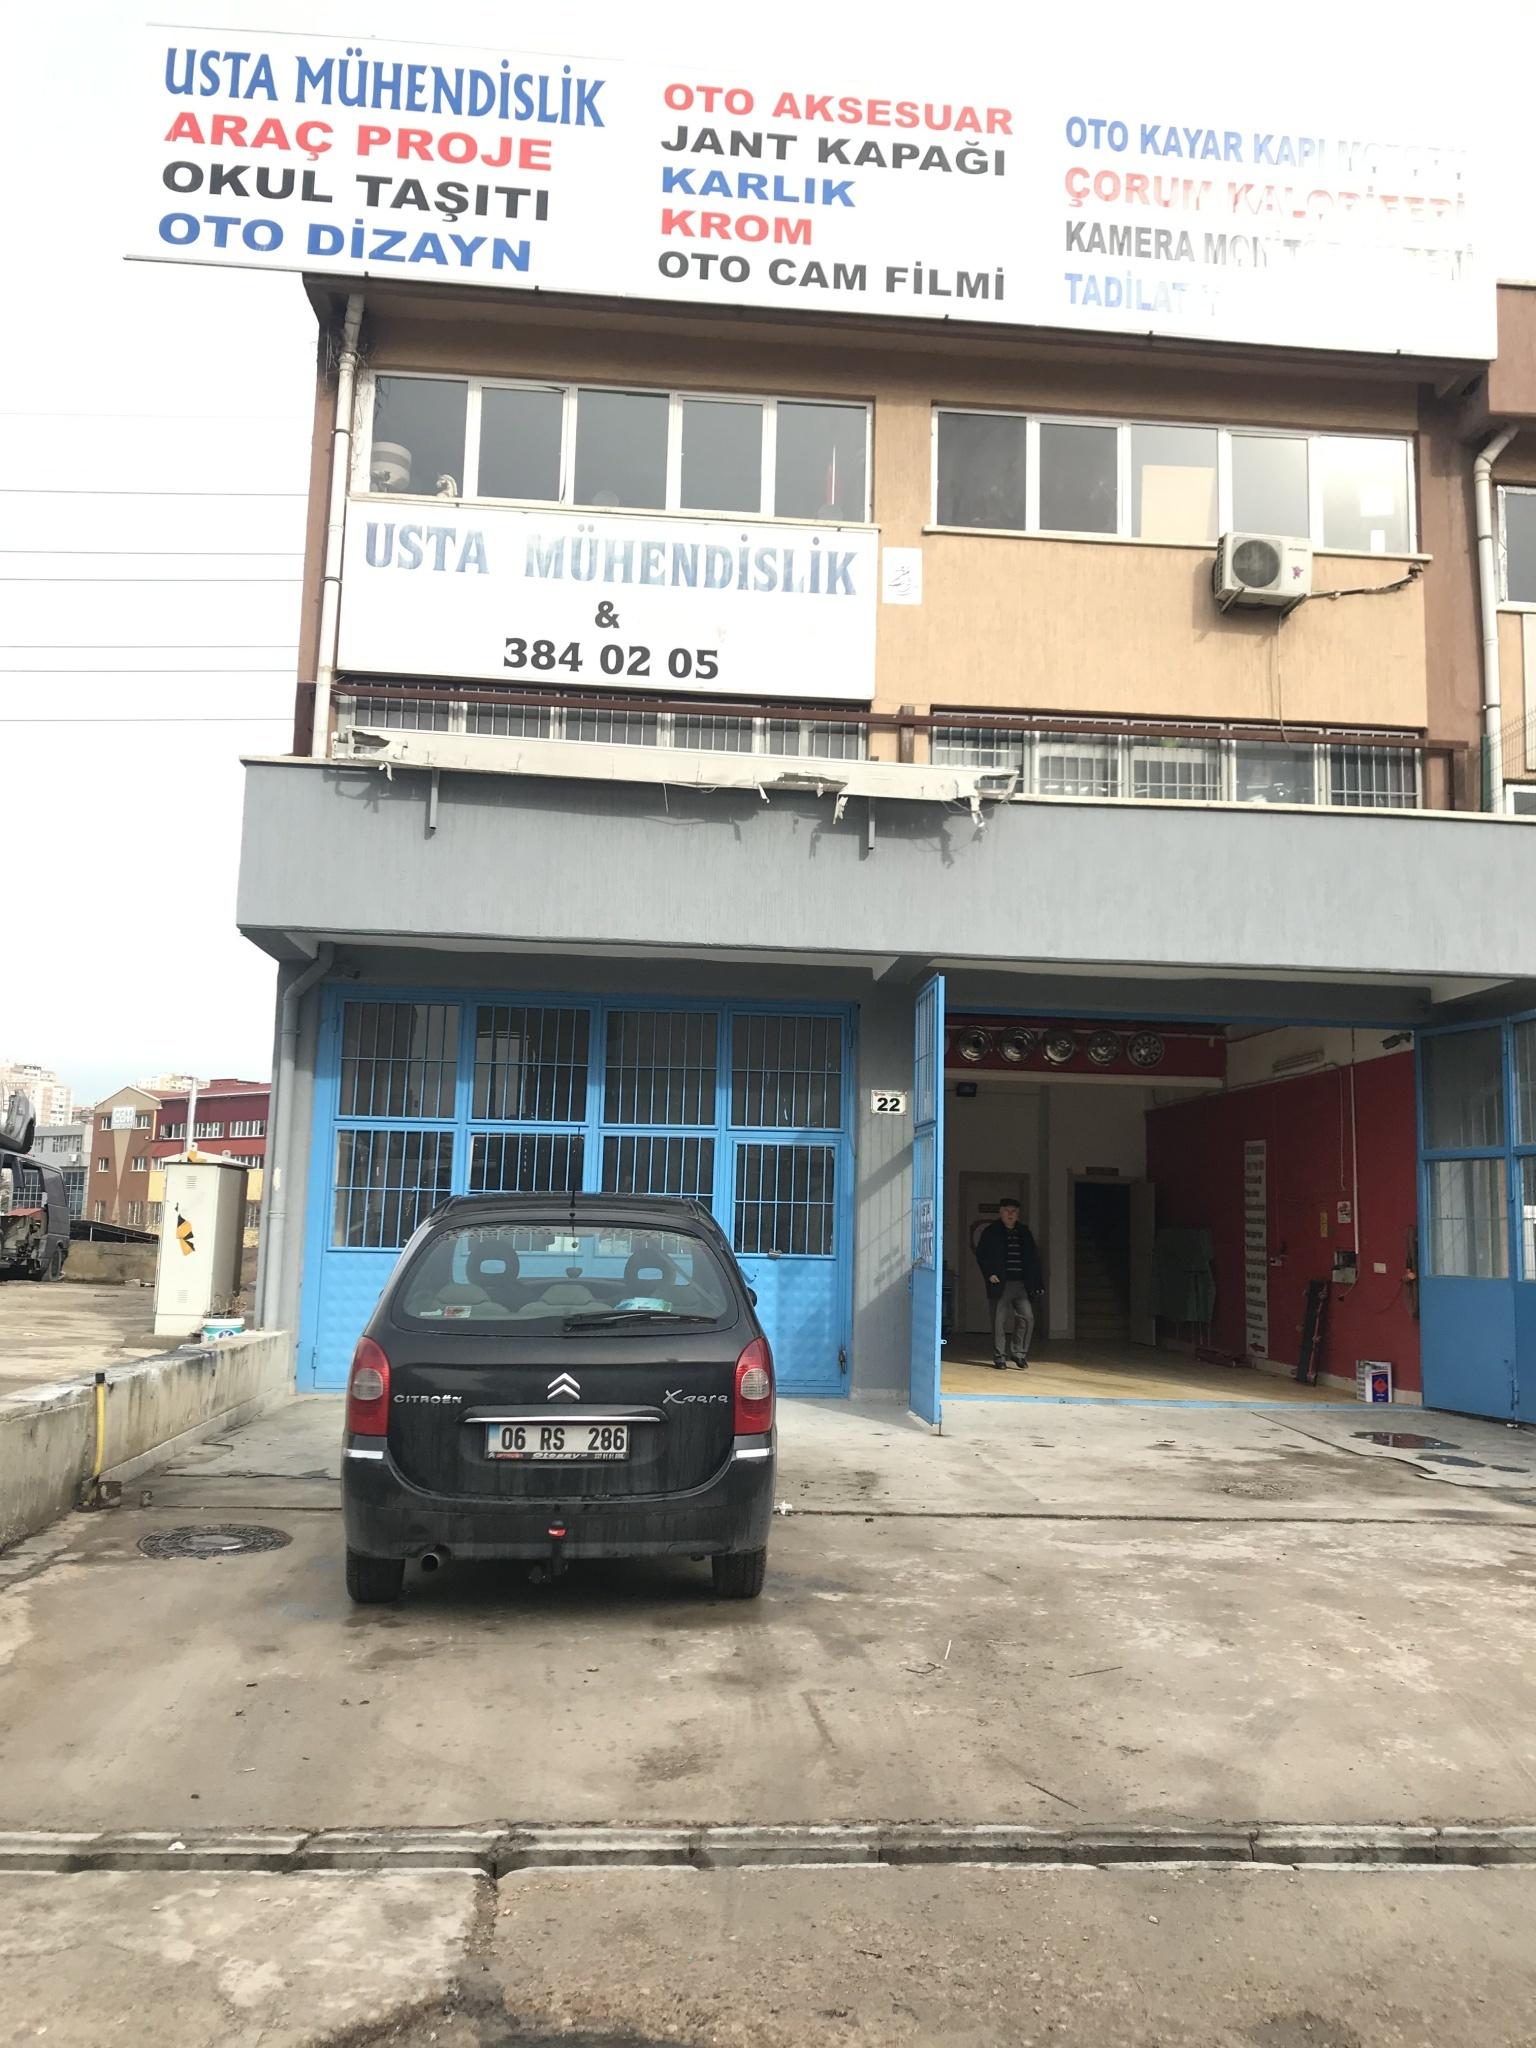 Citroen çeki Demiri Montajı araç proje Ankara/ Usta Mühendislik oto dizayn/Araç proje Firması Ankara/05323118894